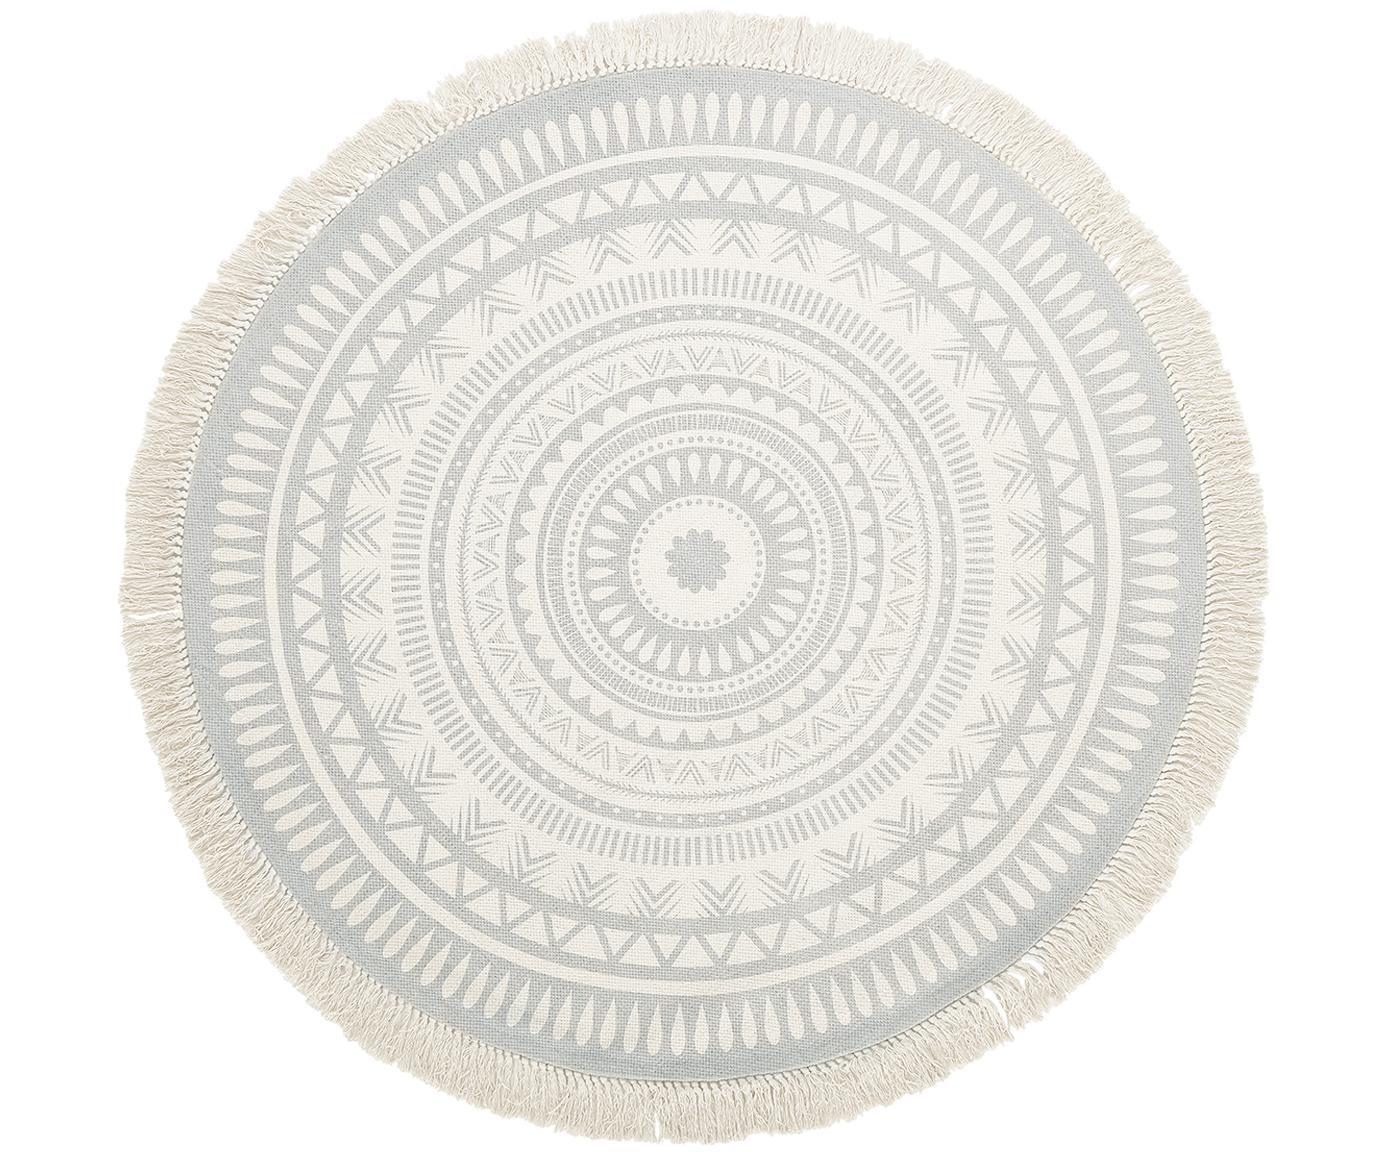 Rond vloerkleed Benji met franjes, handgeweven, Lichtgrijs, beige, Ø 150 cm (maat M)